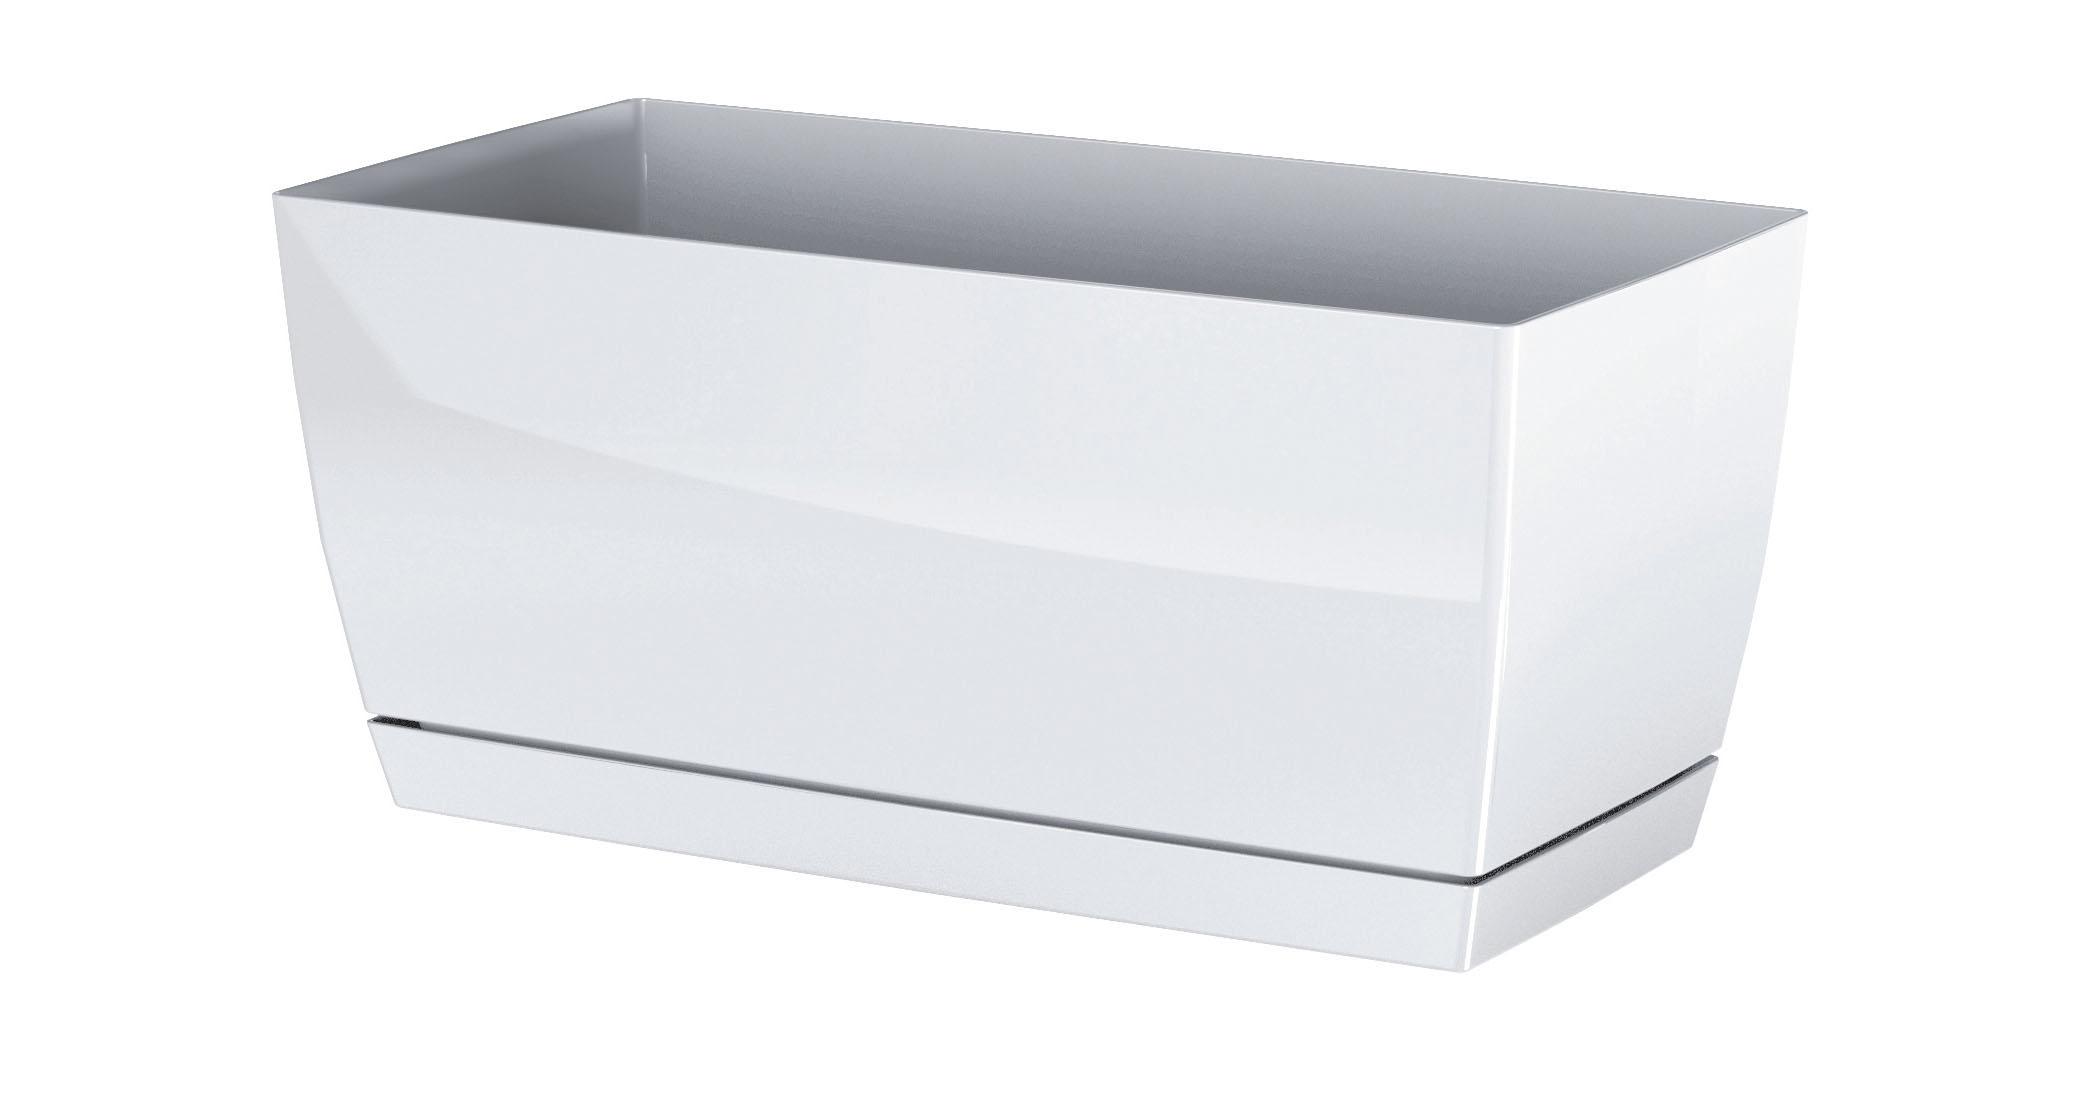 PROSPERPLAST Truhlík COUBI CASE P s miskou bílý 39 cm